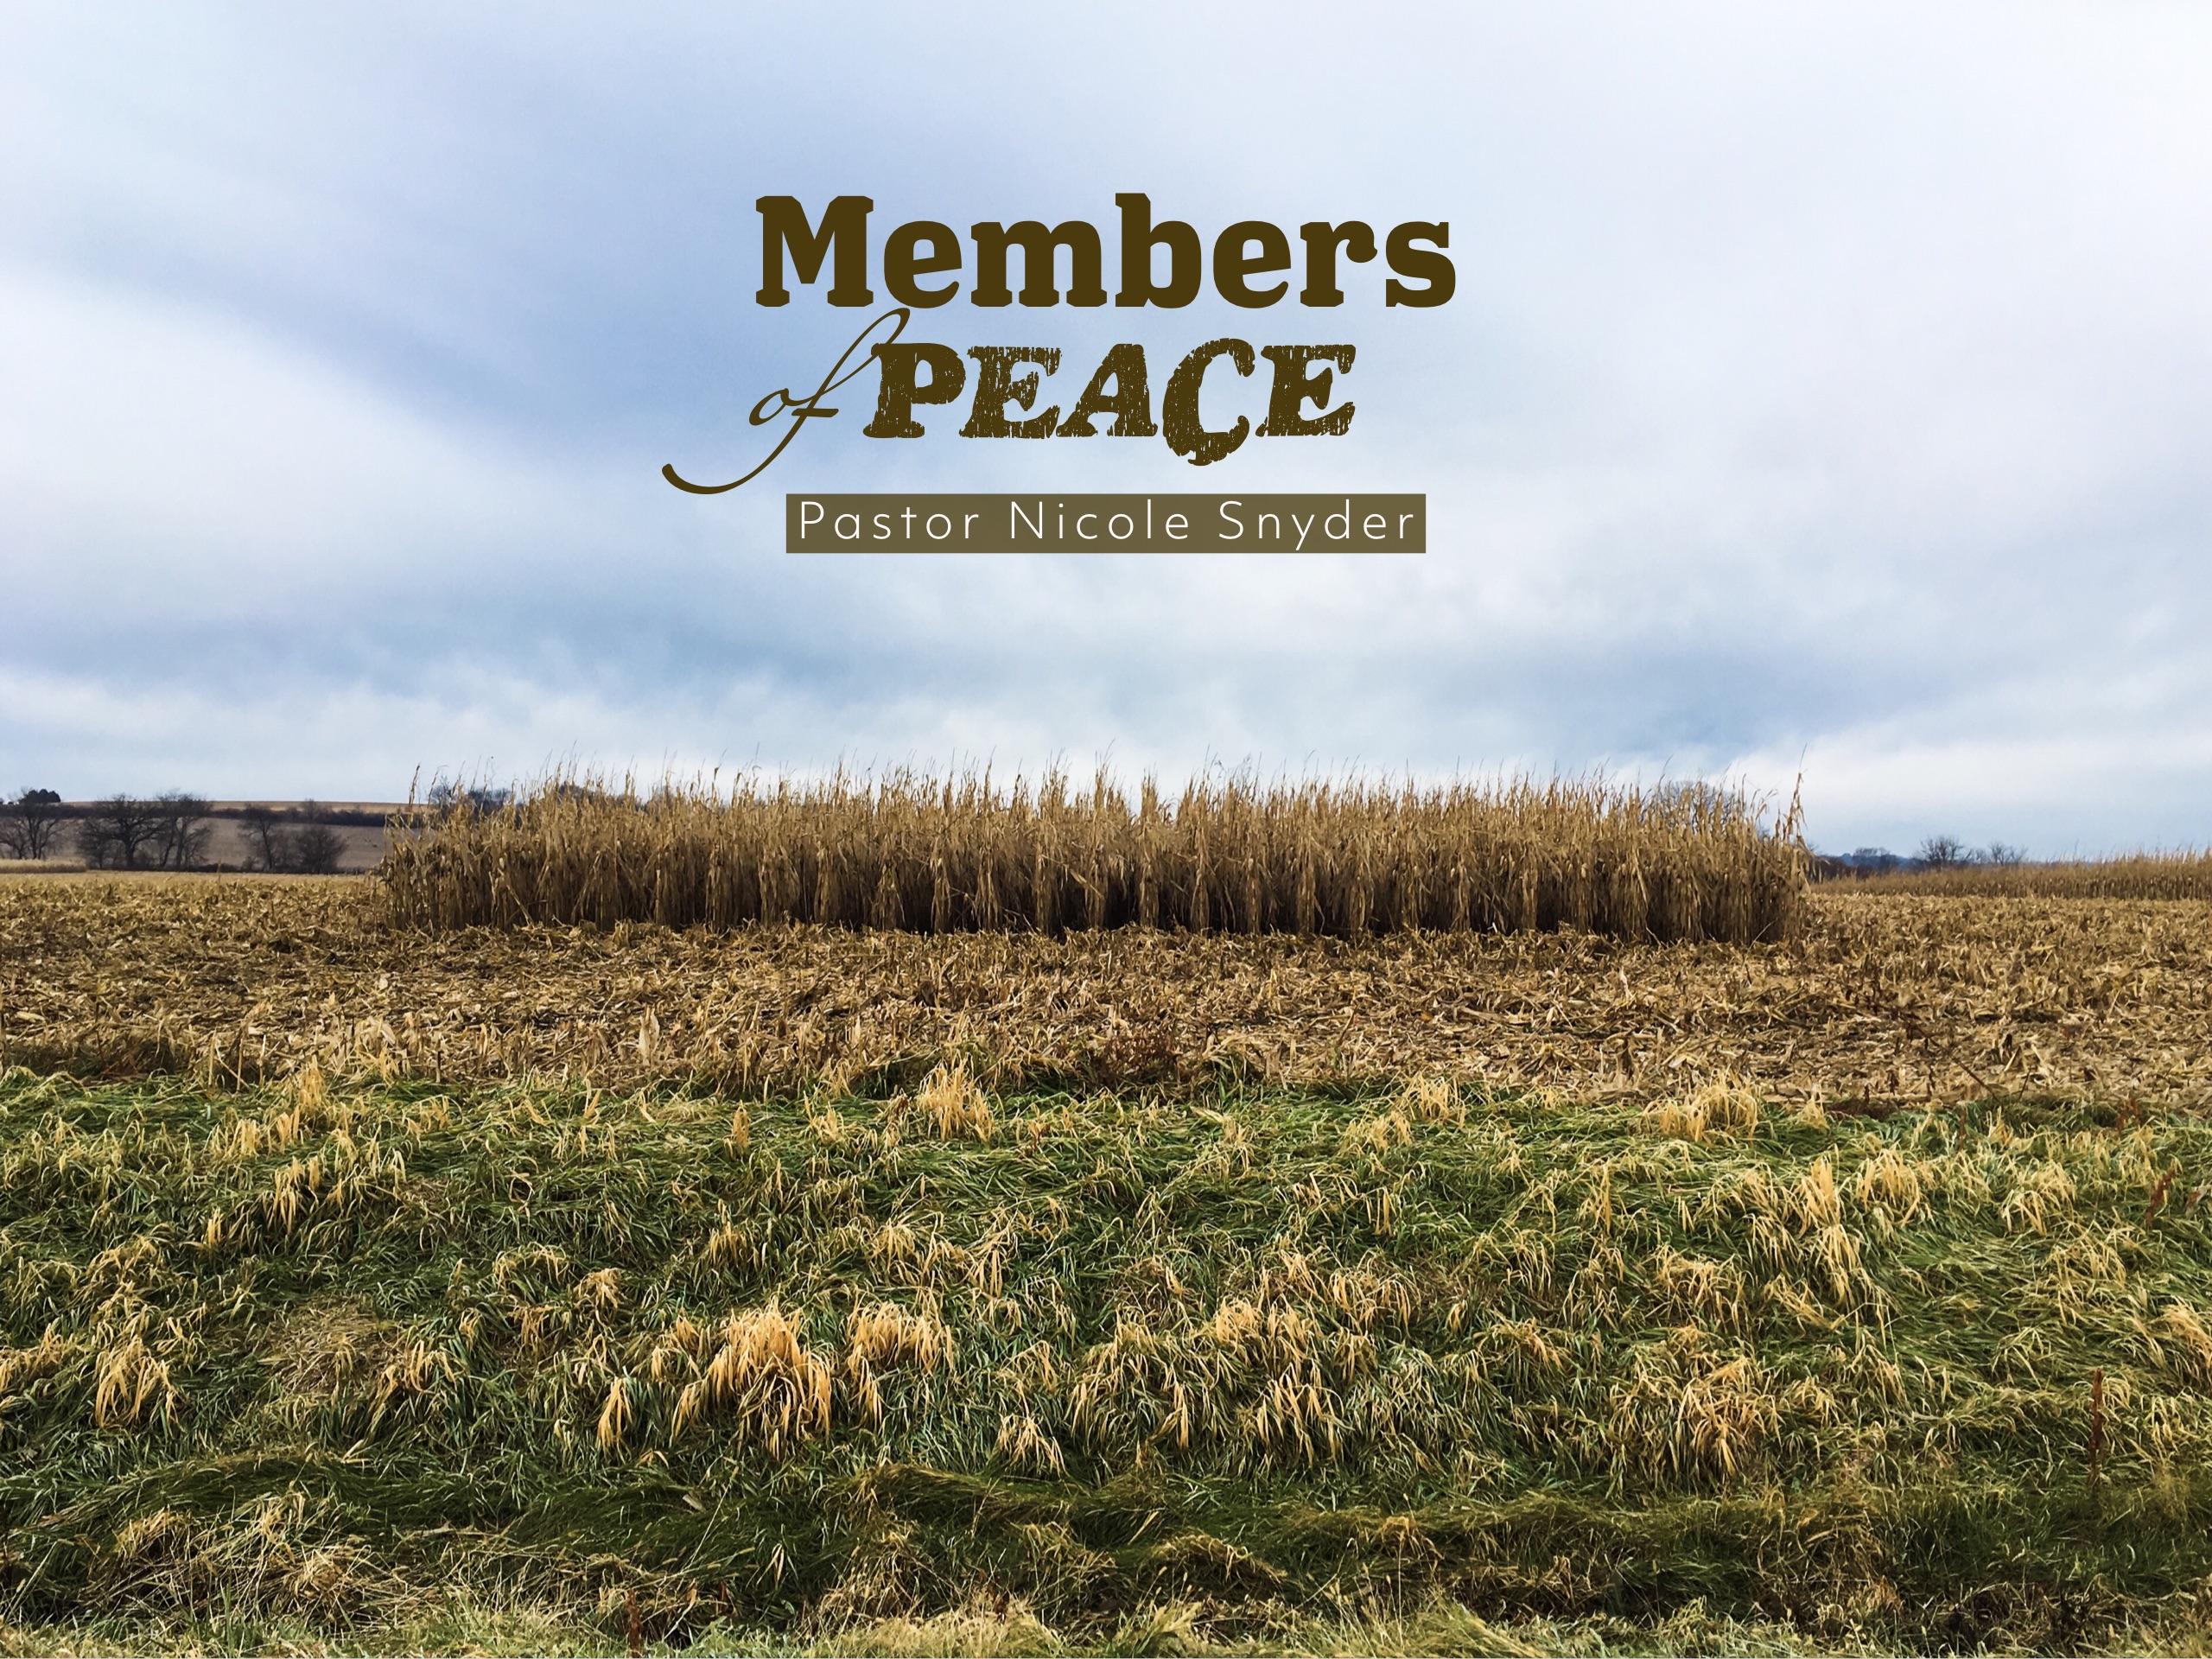 Members of Peace